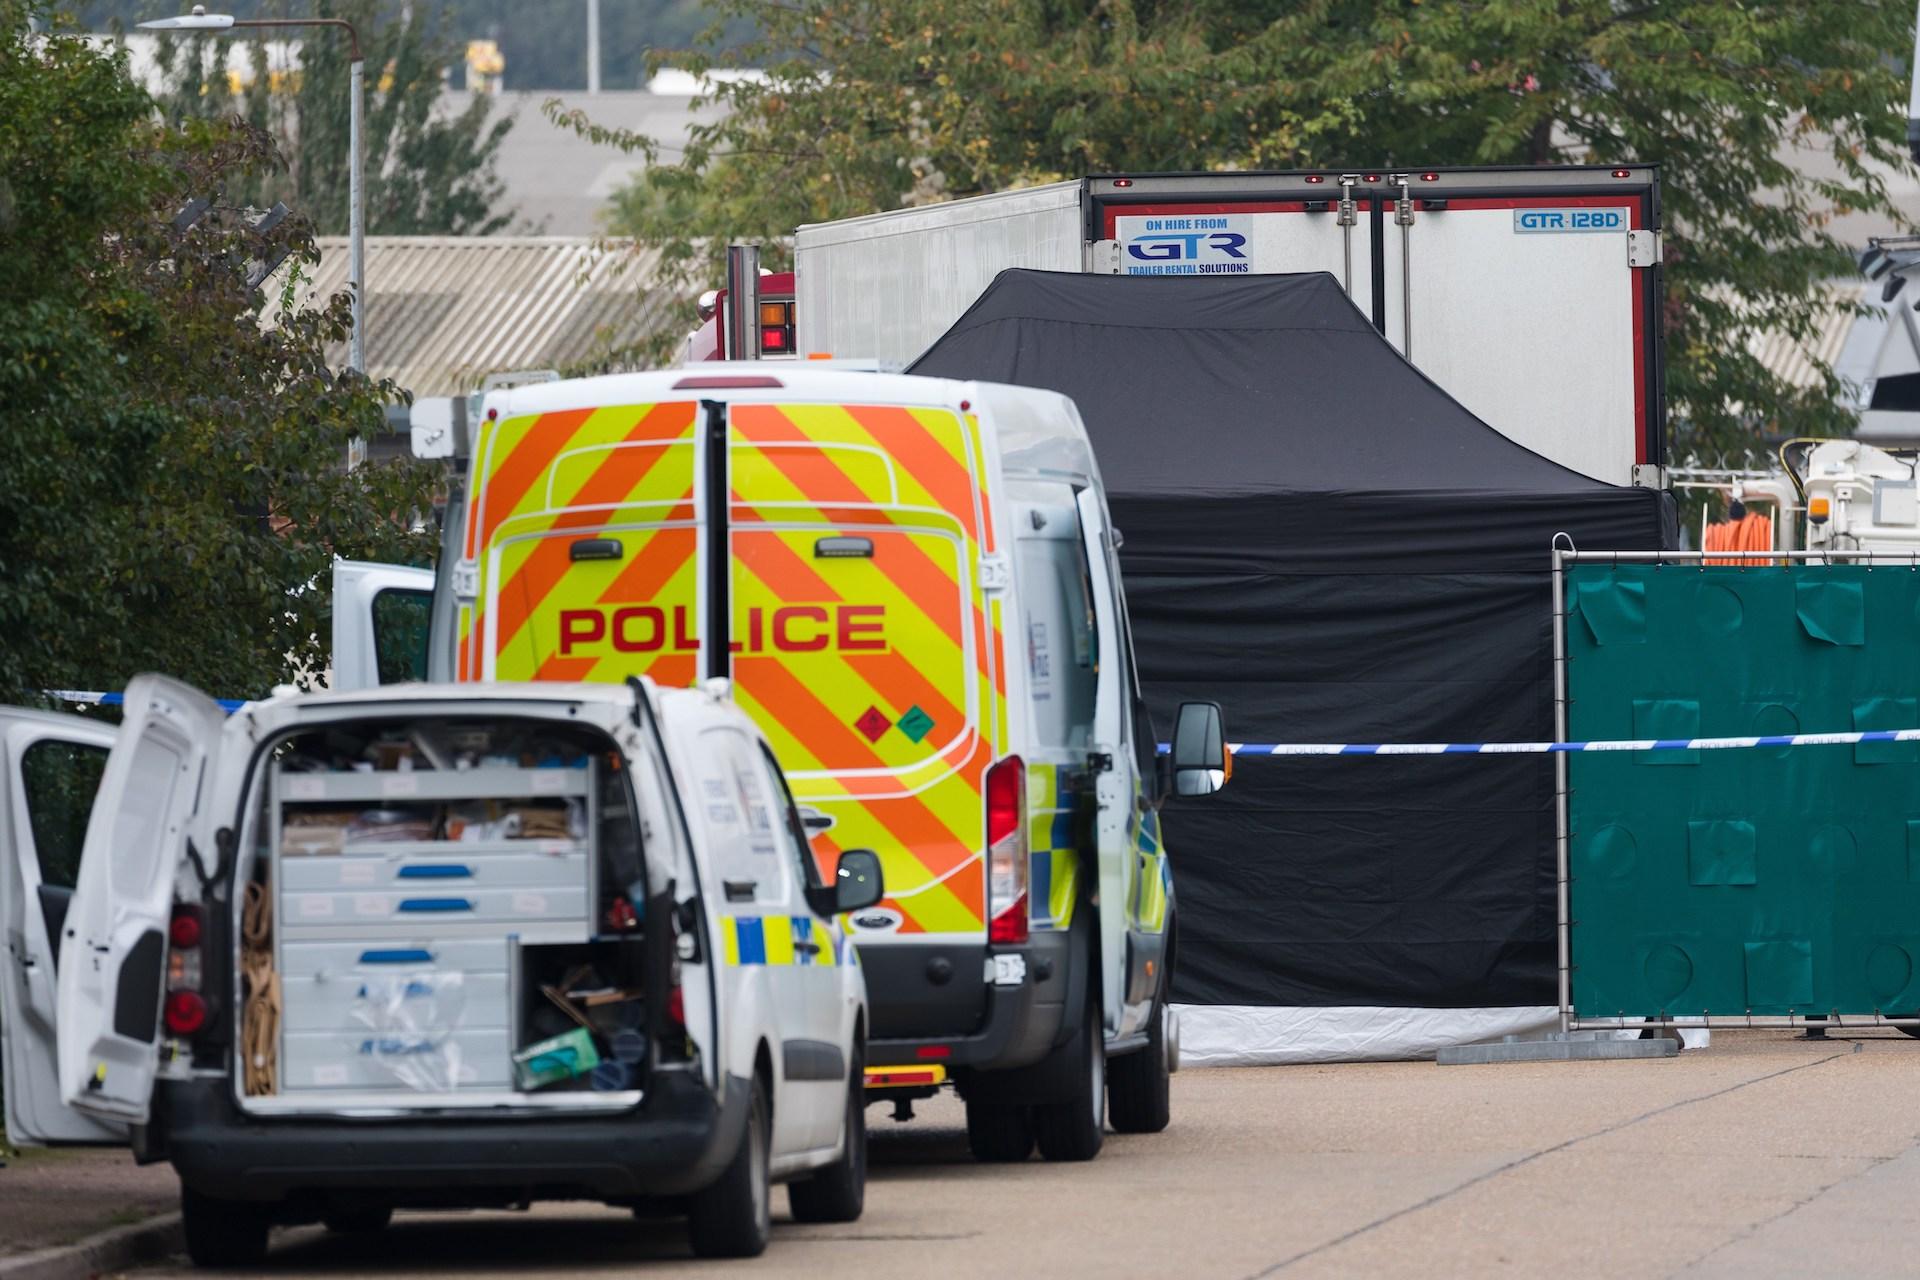 La Policía trata de esclarecer la identidad de los 39 cadáveres hallados en Essex. Foto de EFE/EPA/VICKIE FLORES.